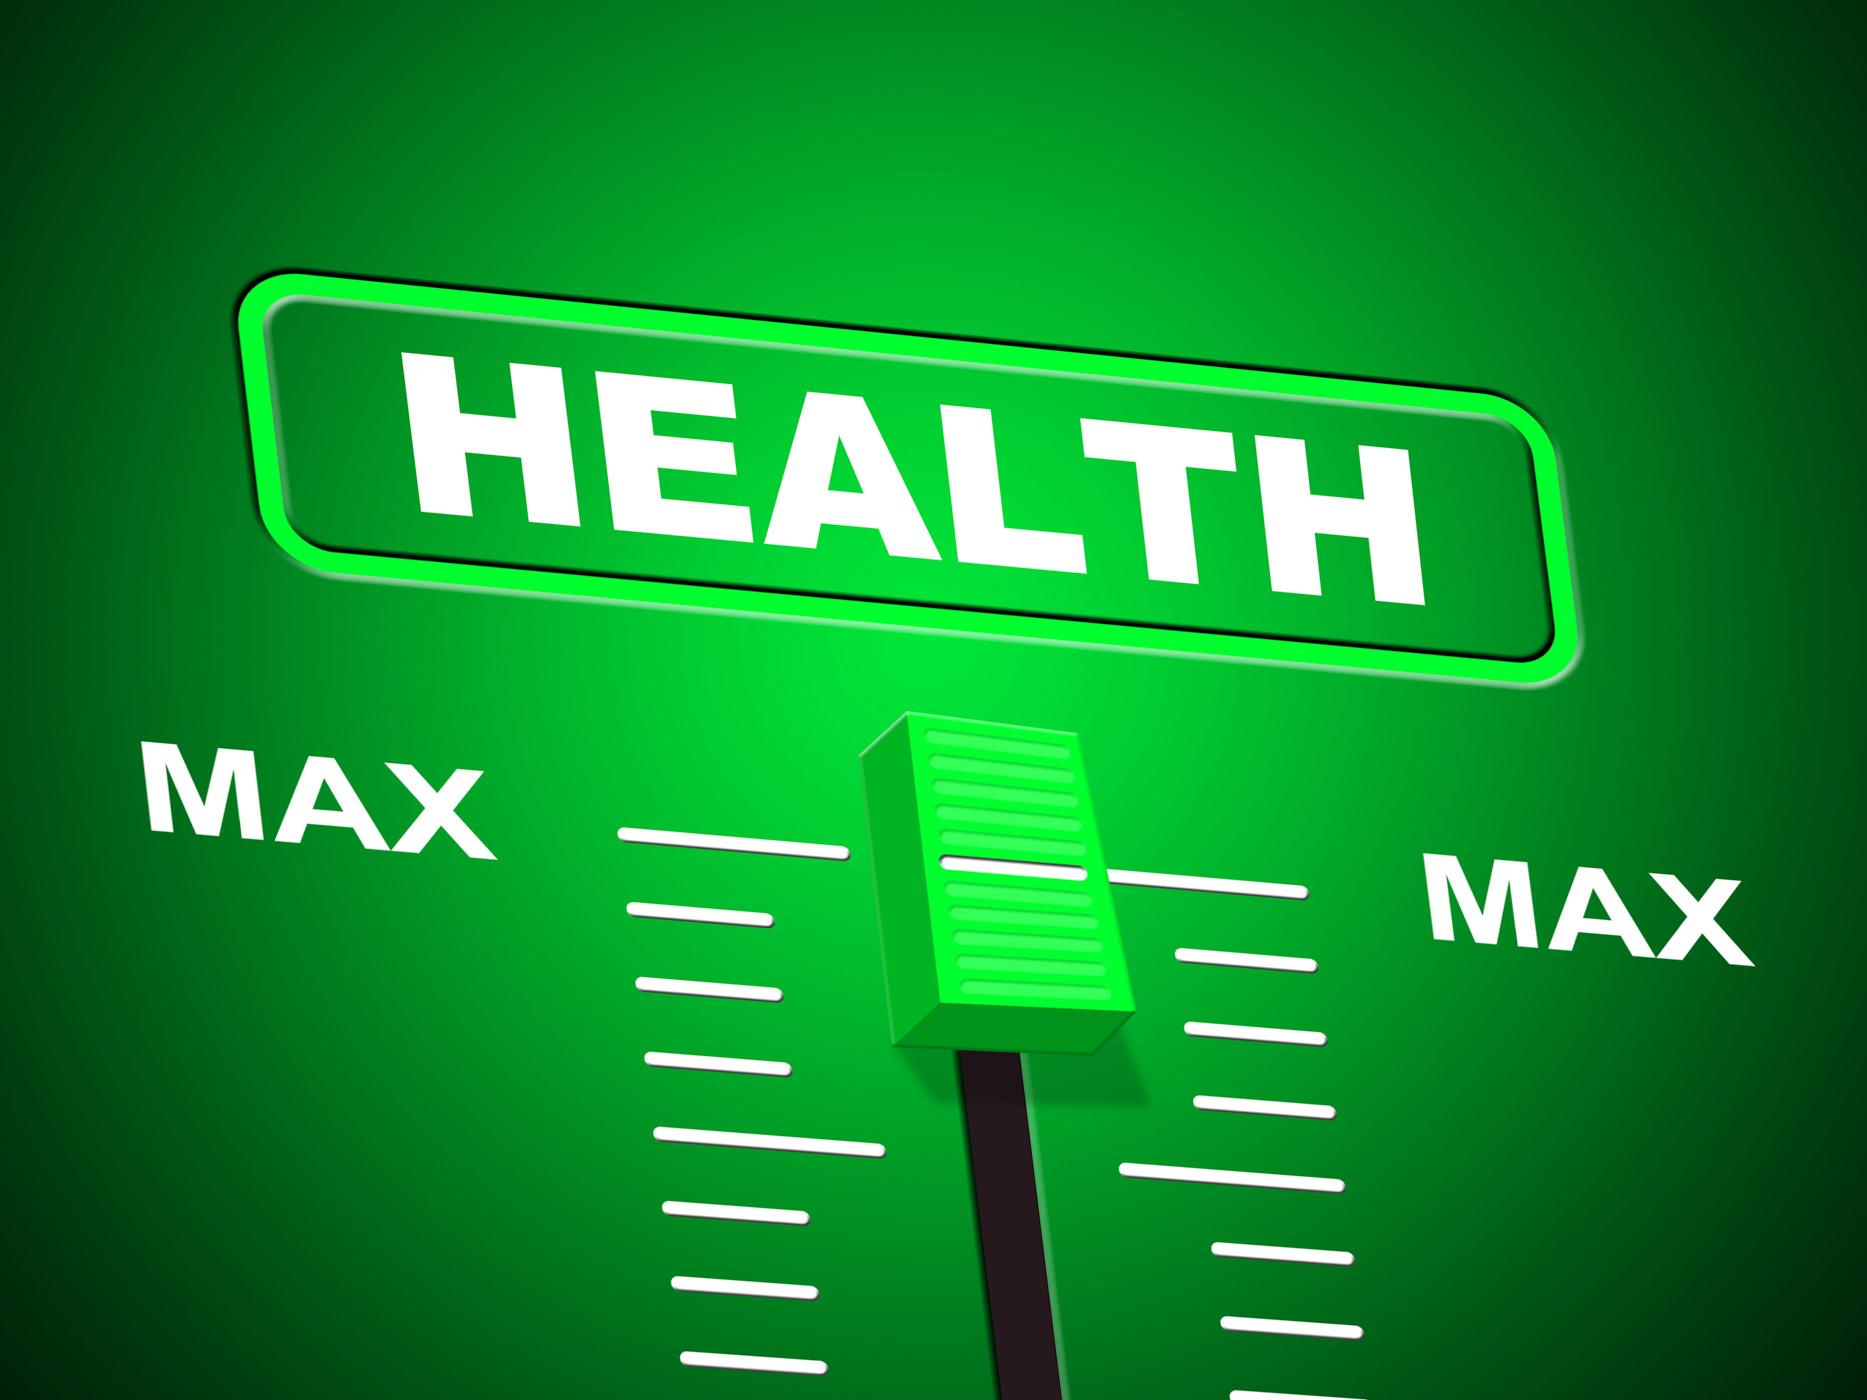 Max health indicates preventive medicine and doctors photo